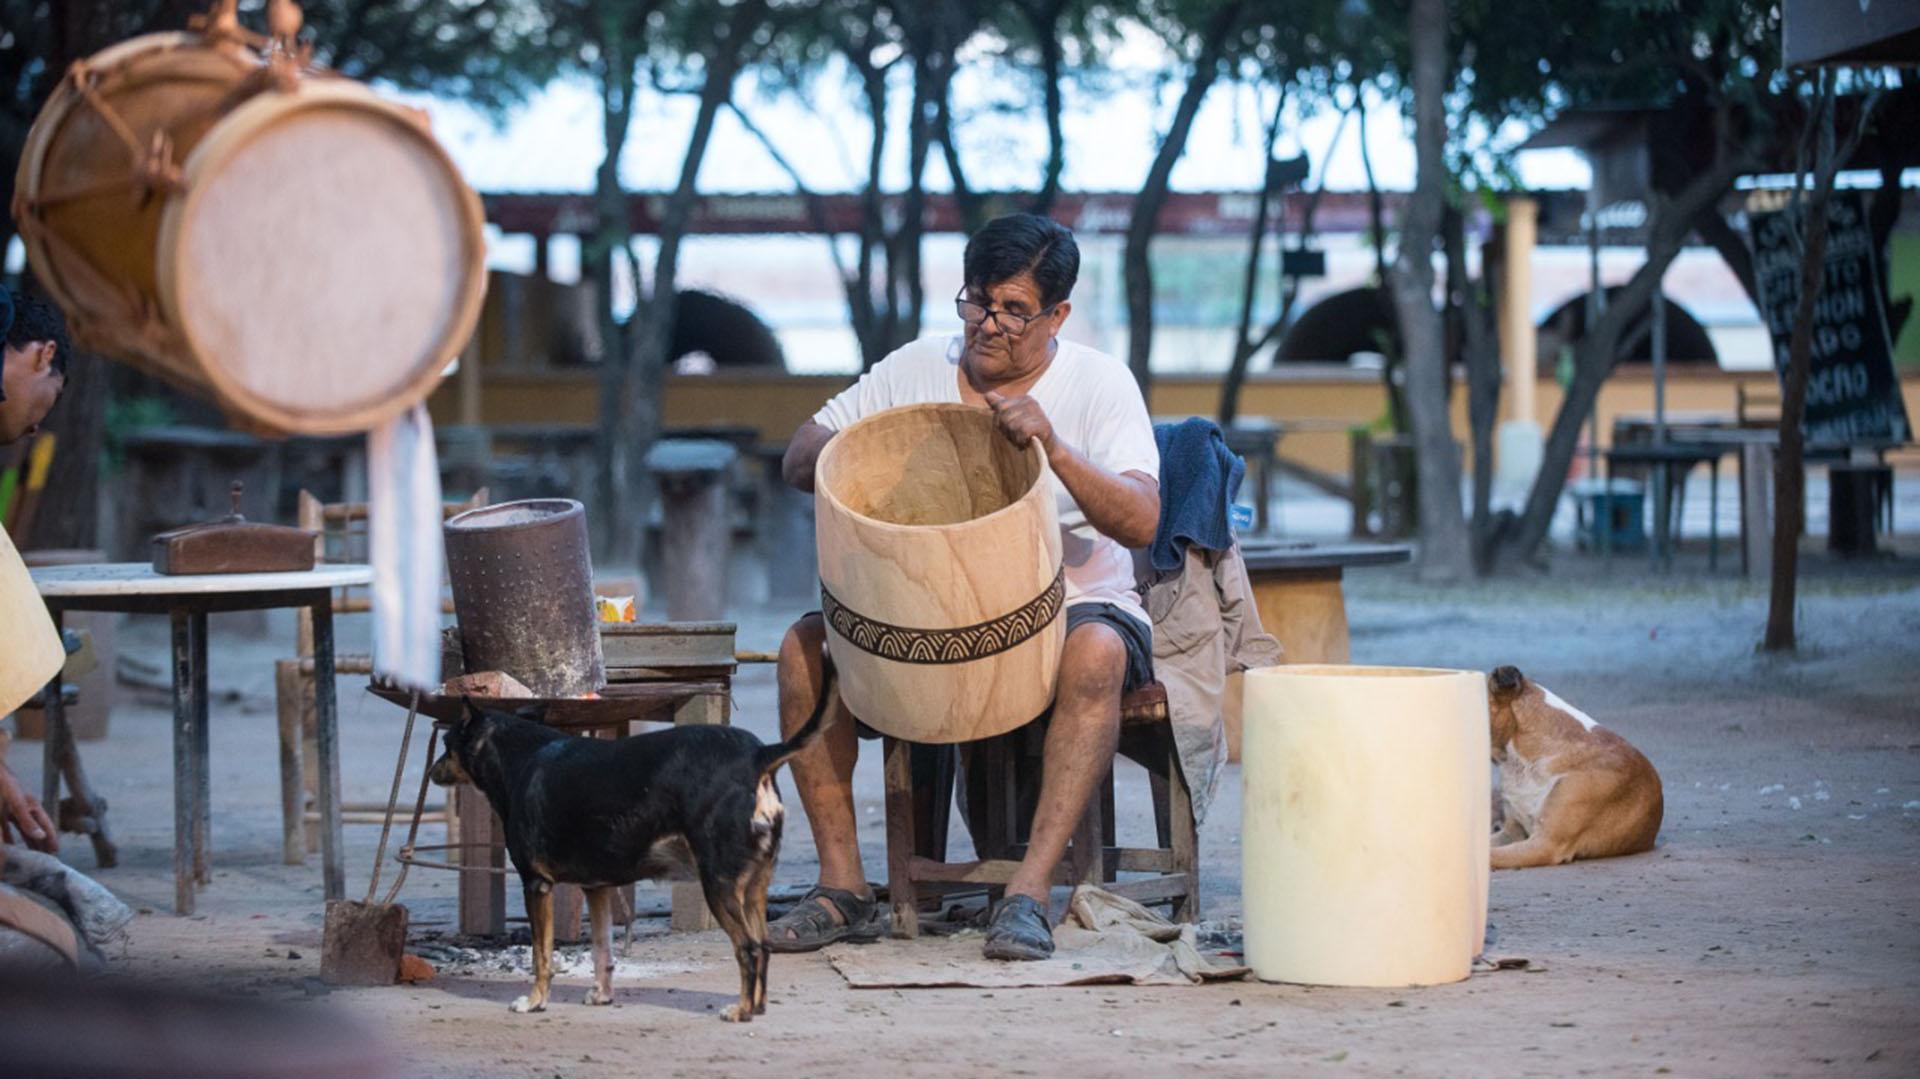 Pirograbado en los bombos del Indio Froilán (Crédito: Exequiel Paoletti)